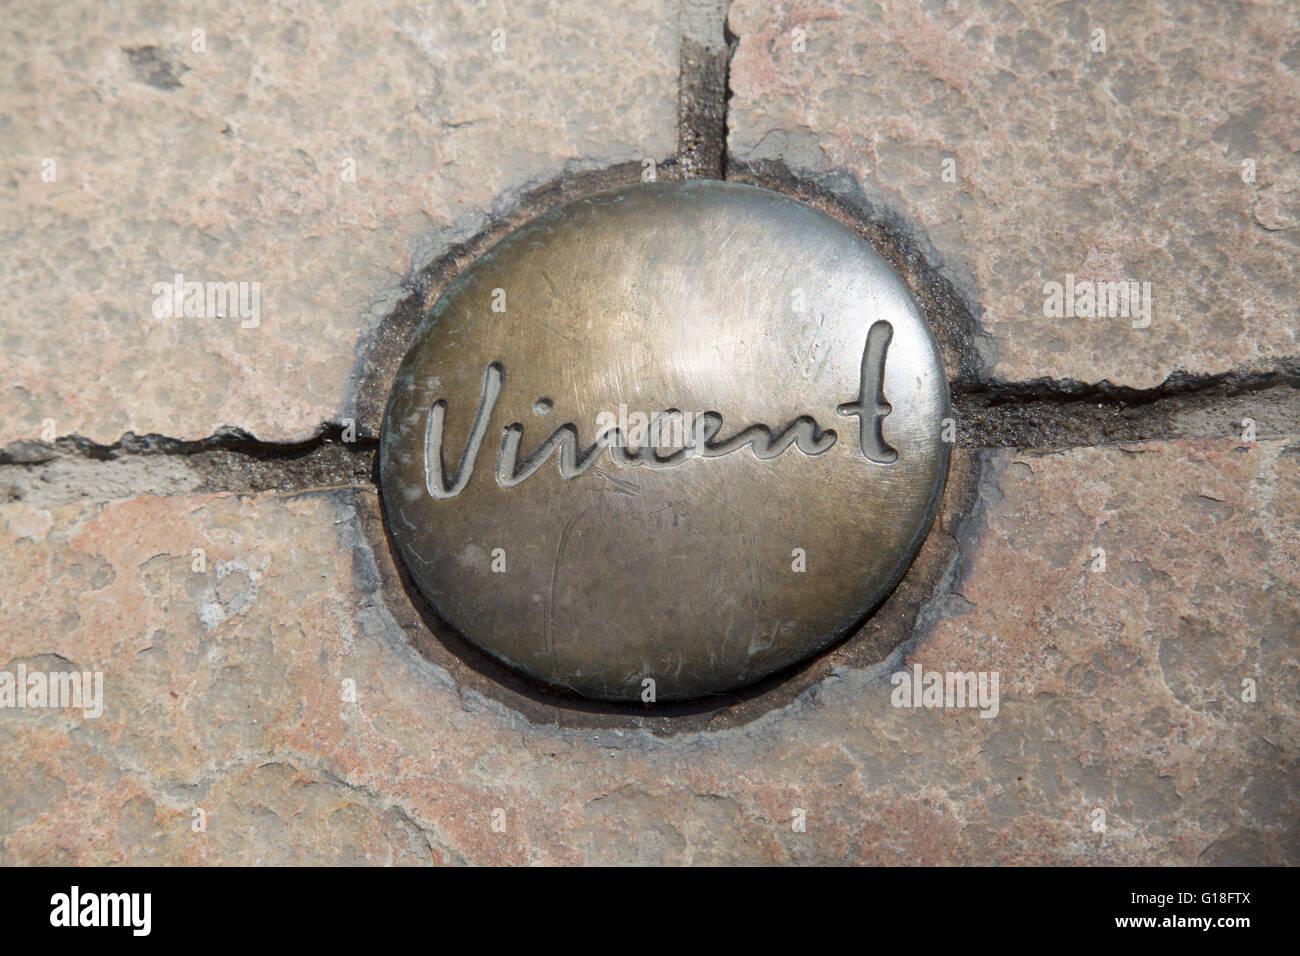 Vincent van gogh trail symbol saint remy de provence france vincent van gogh trail symbol saint remy de provence france biocorpaavc